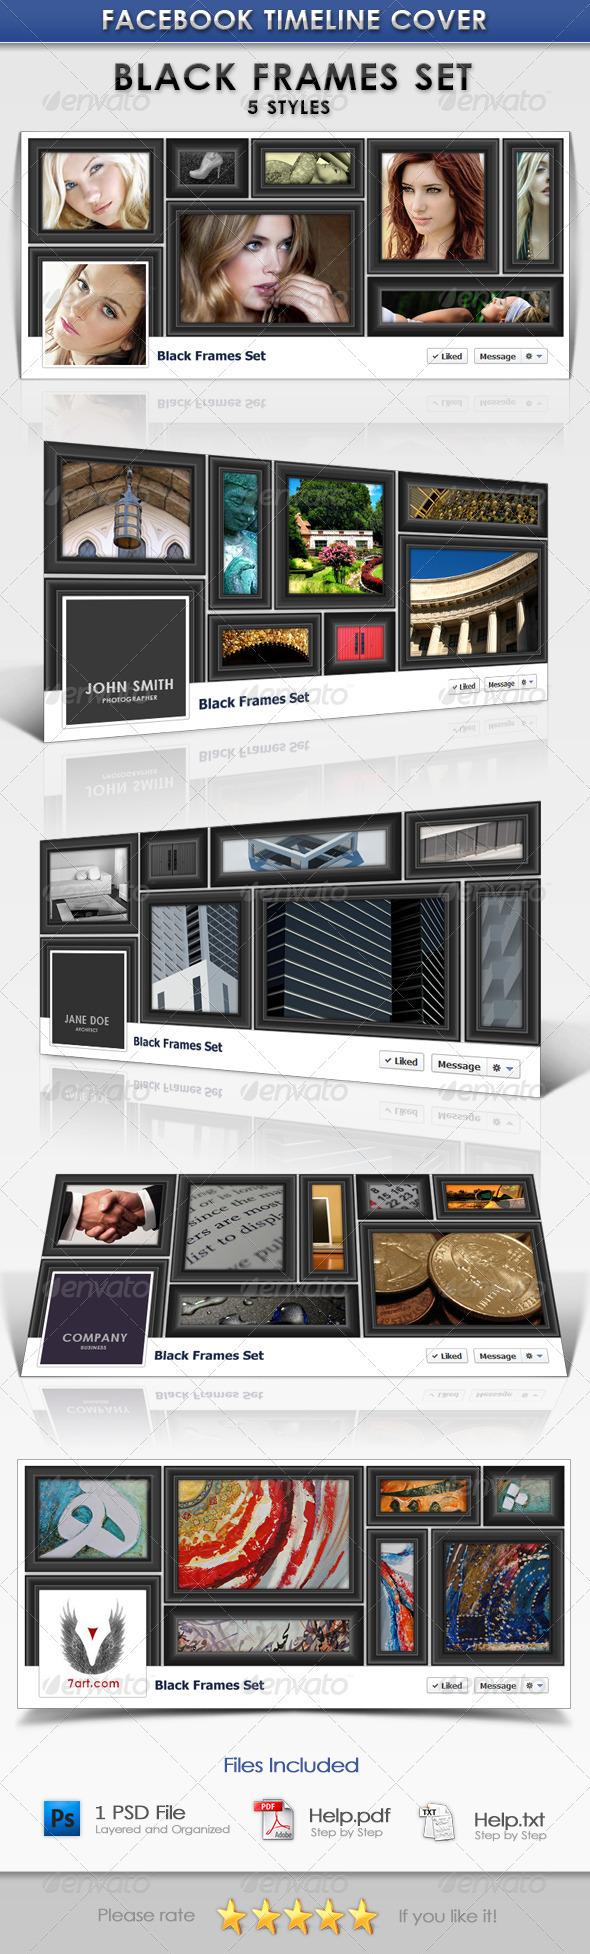 FB Cover Design Template - Black Frames - Facebook Timeline Covers Social Media